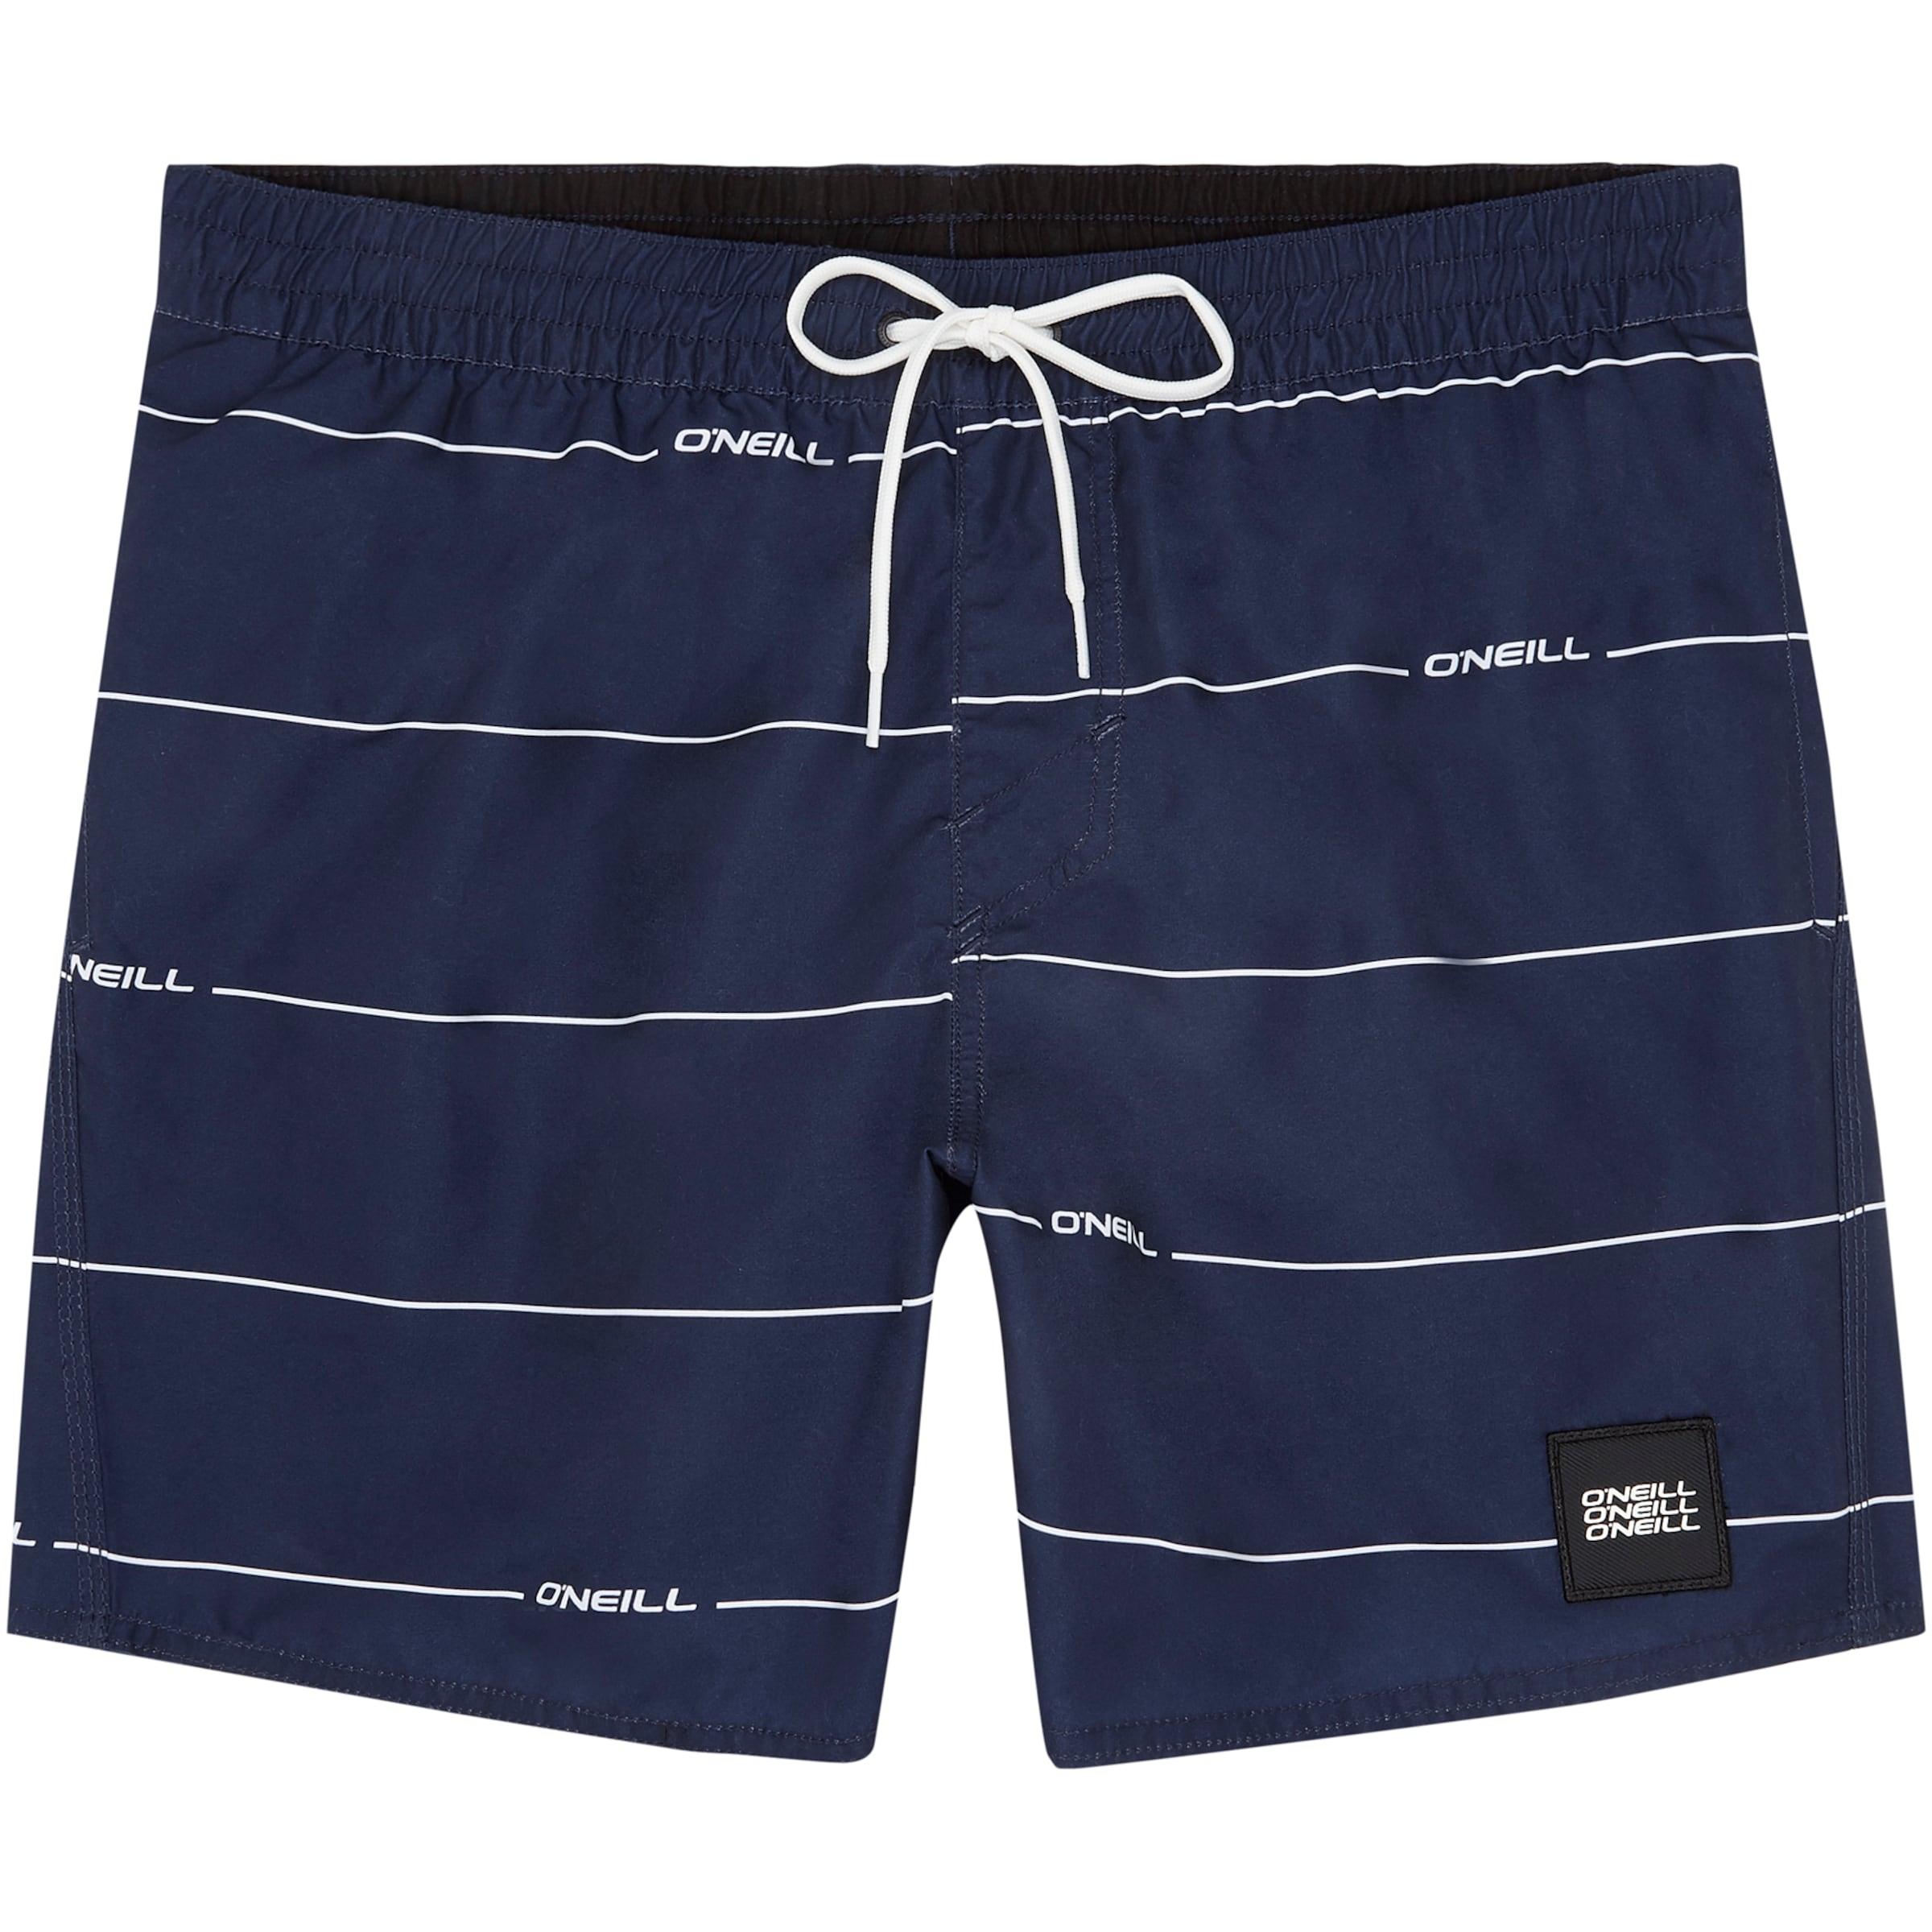 Bain De 'contourz' In MarineBlanc O'neillShorts Bleu Pn0wkO